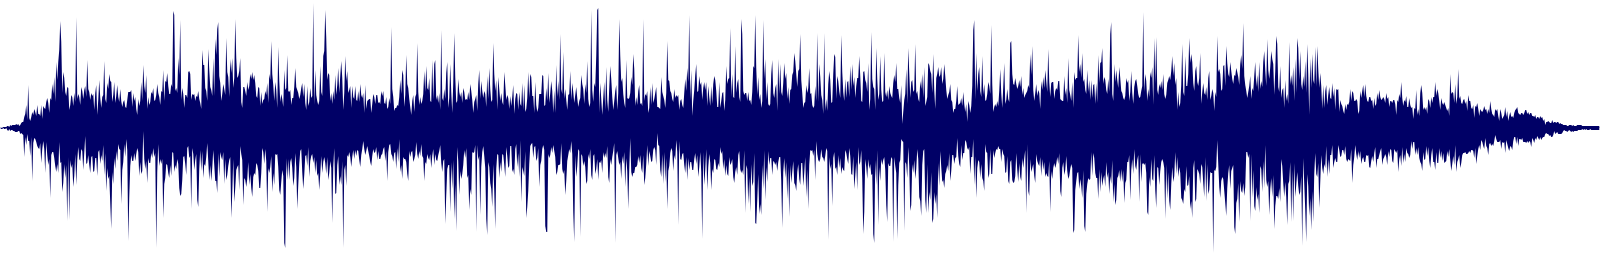 waveform of track #150157